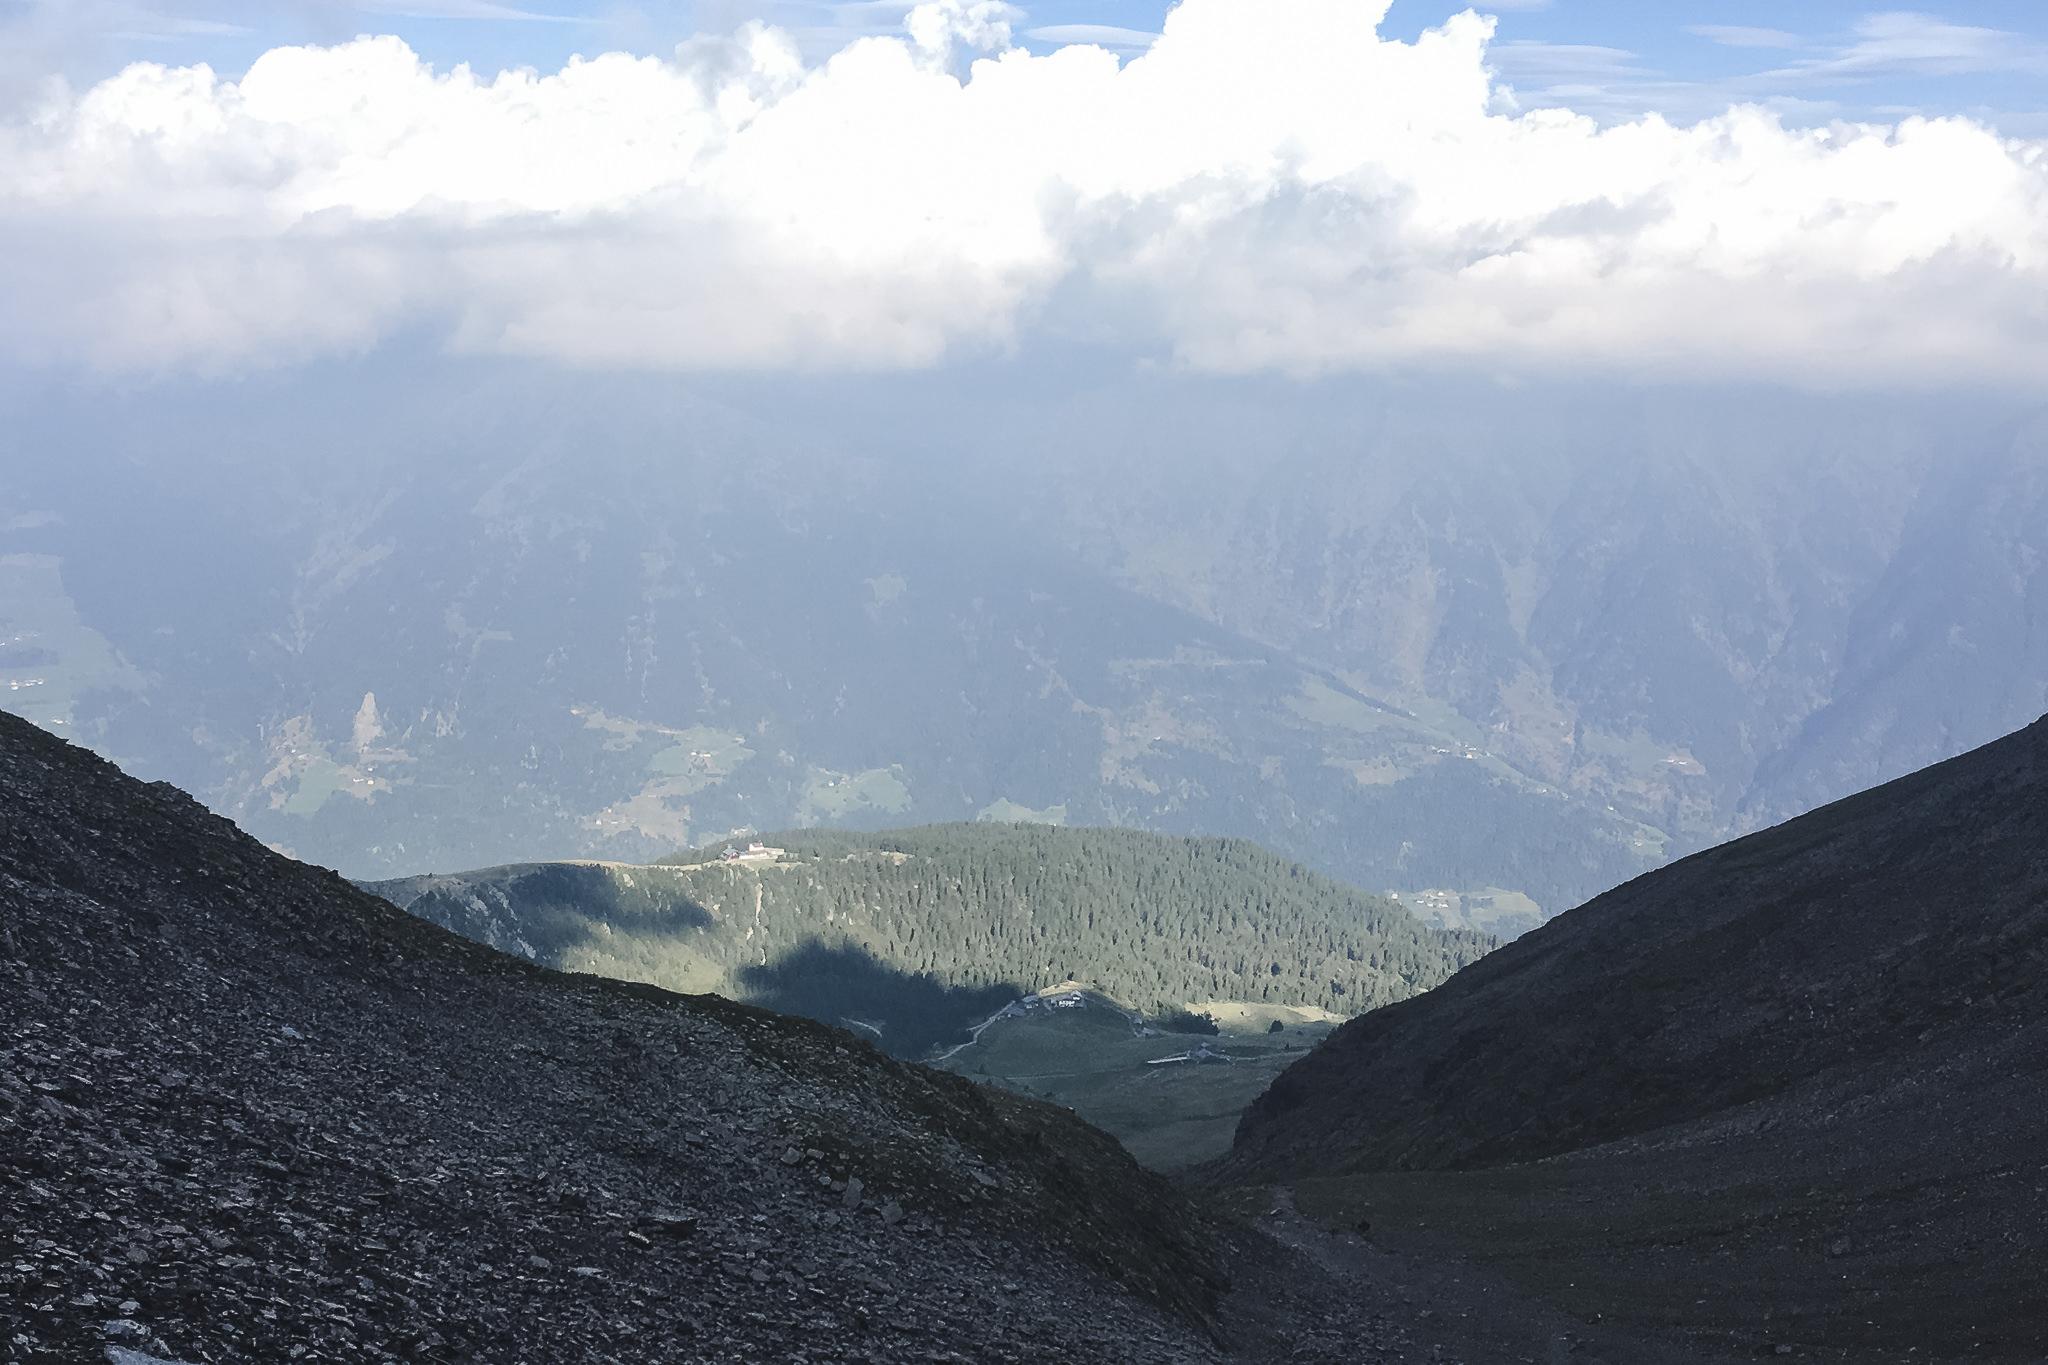 der letzte Aufstieg auf dem Weg nach Meran führte uns auf den Hirzer